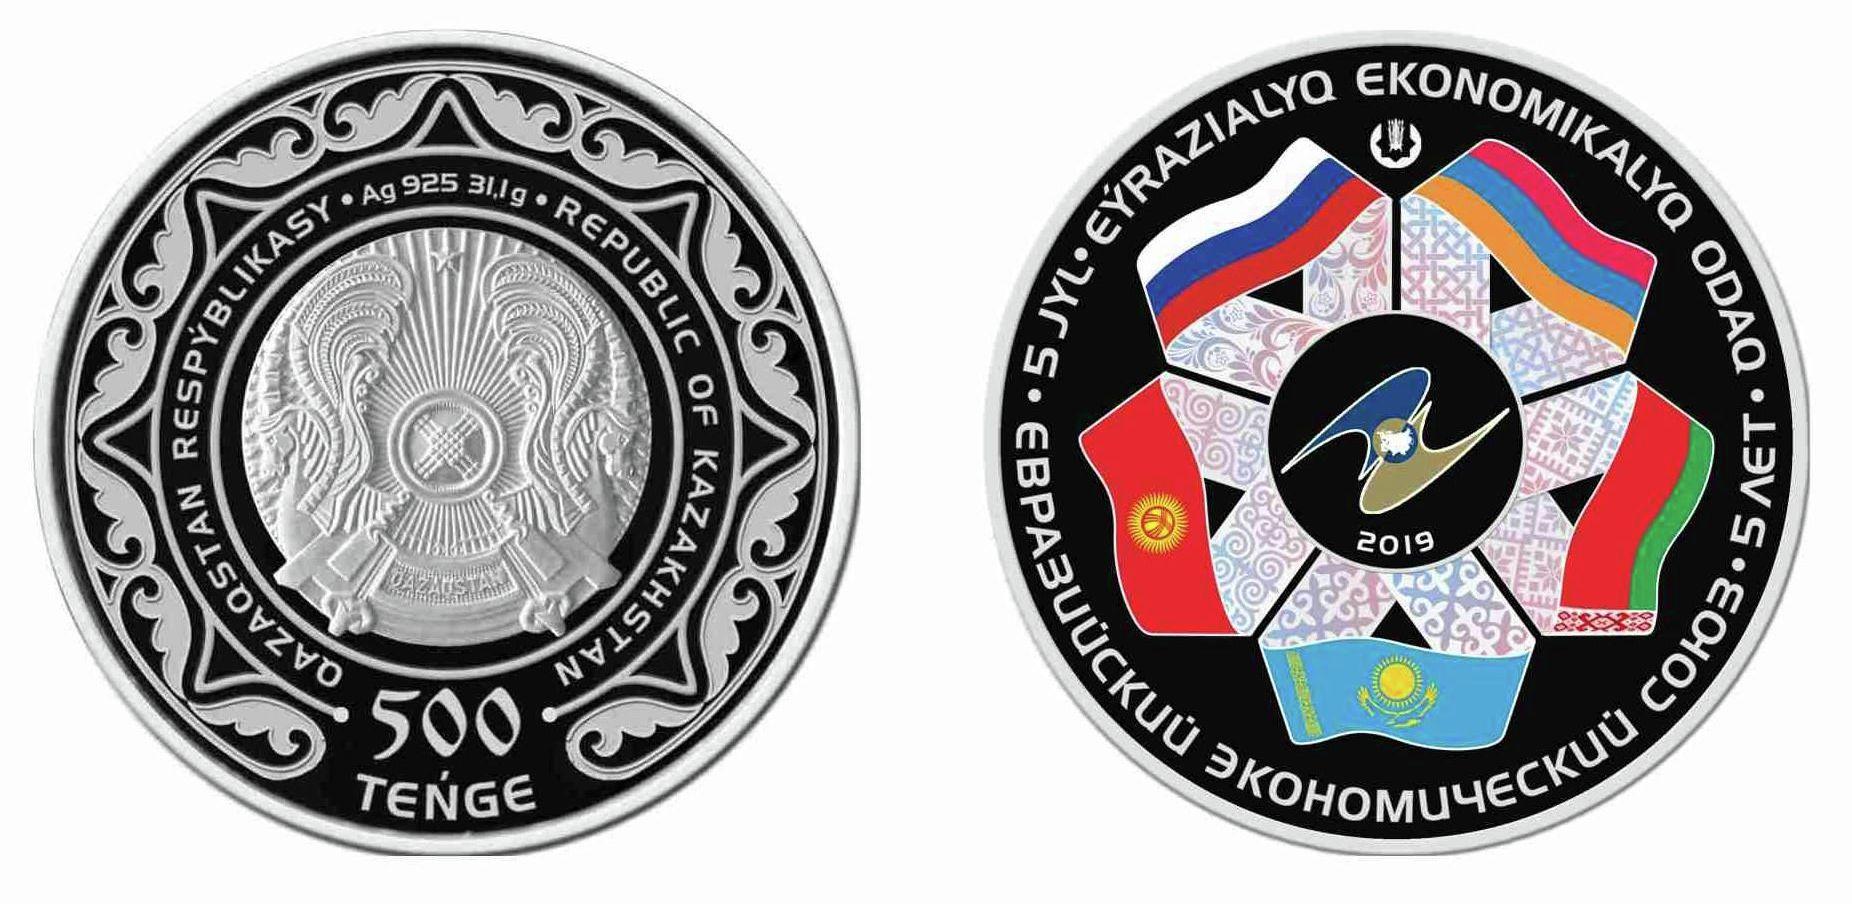 Серебряная монета Евразийский экономический союз. 5 лет номиналом в 500 тенге